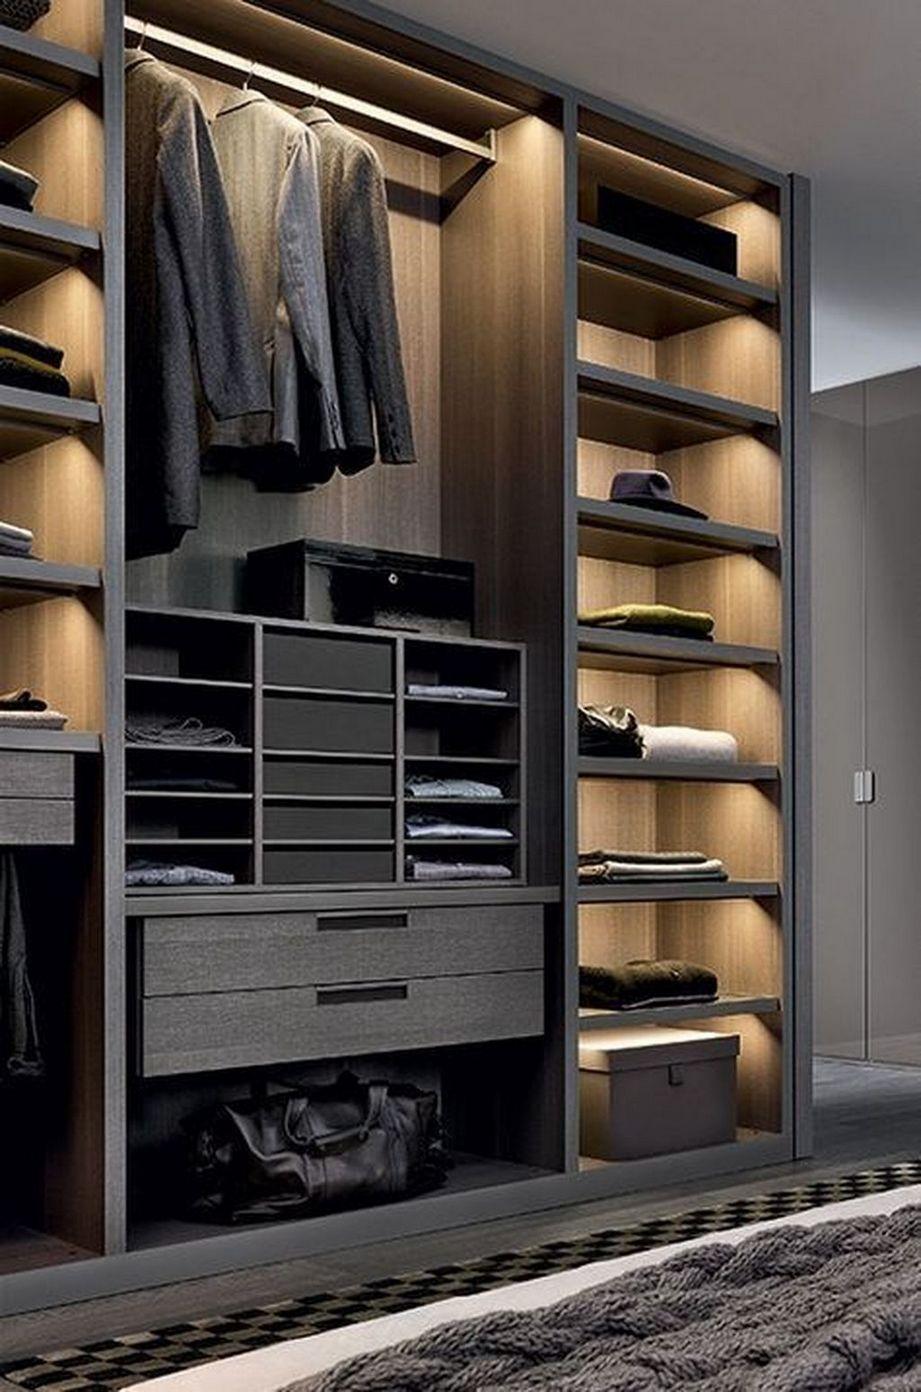 9+ Kleiderschrank Organisieren